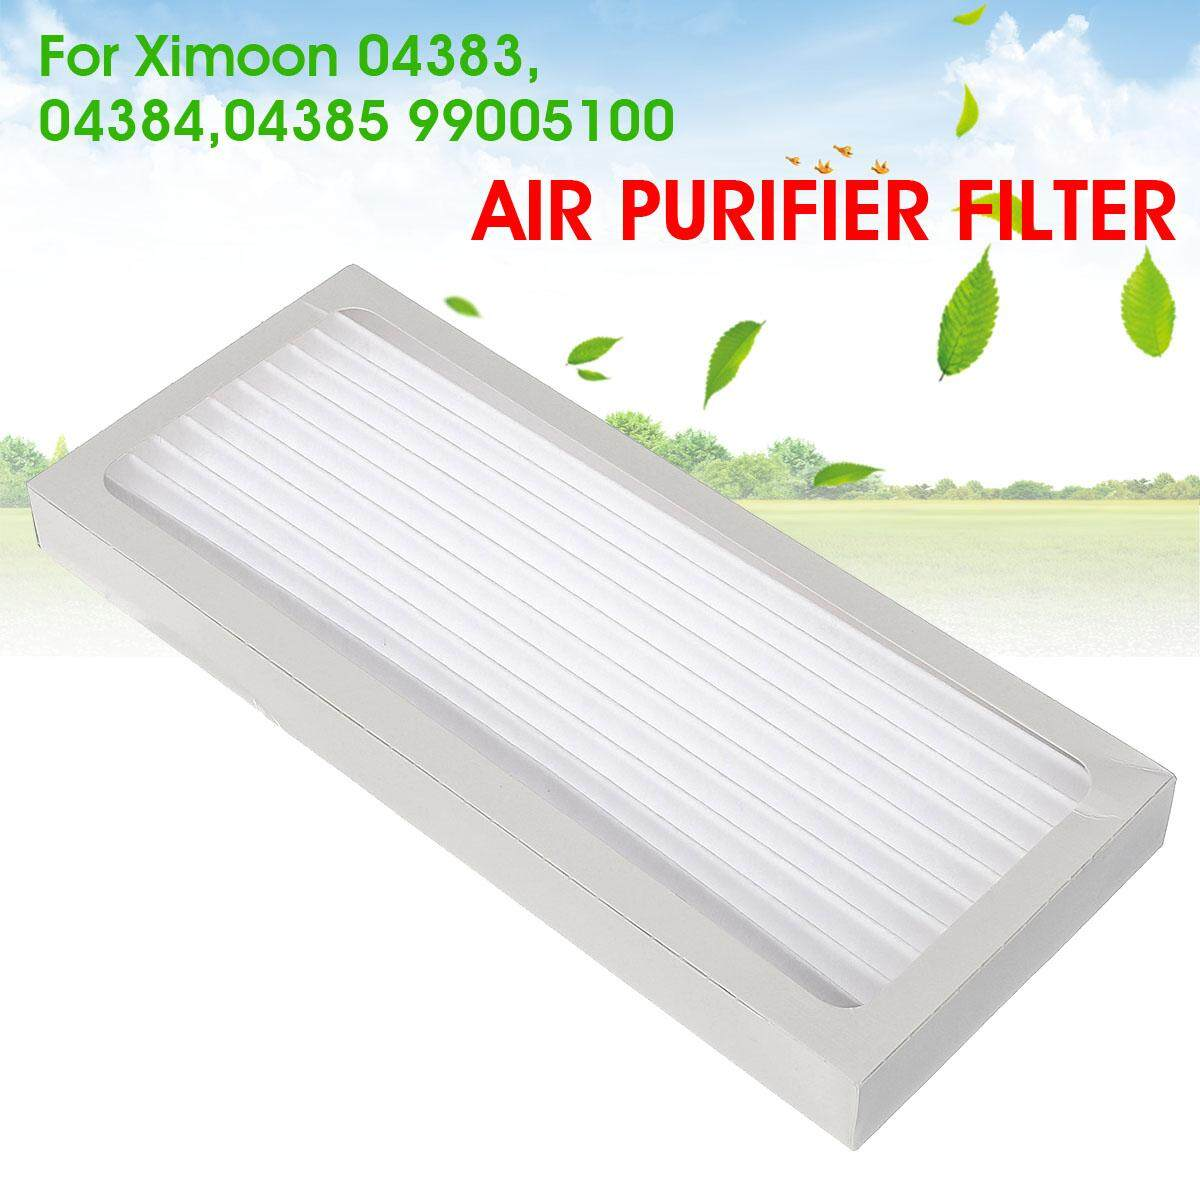 Bảng giá Máy Lọc không khí Lọc Cho Ximoon 04383,04384 04385 990051000